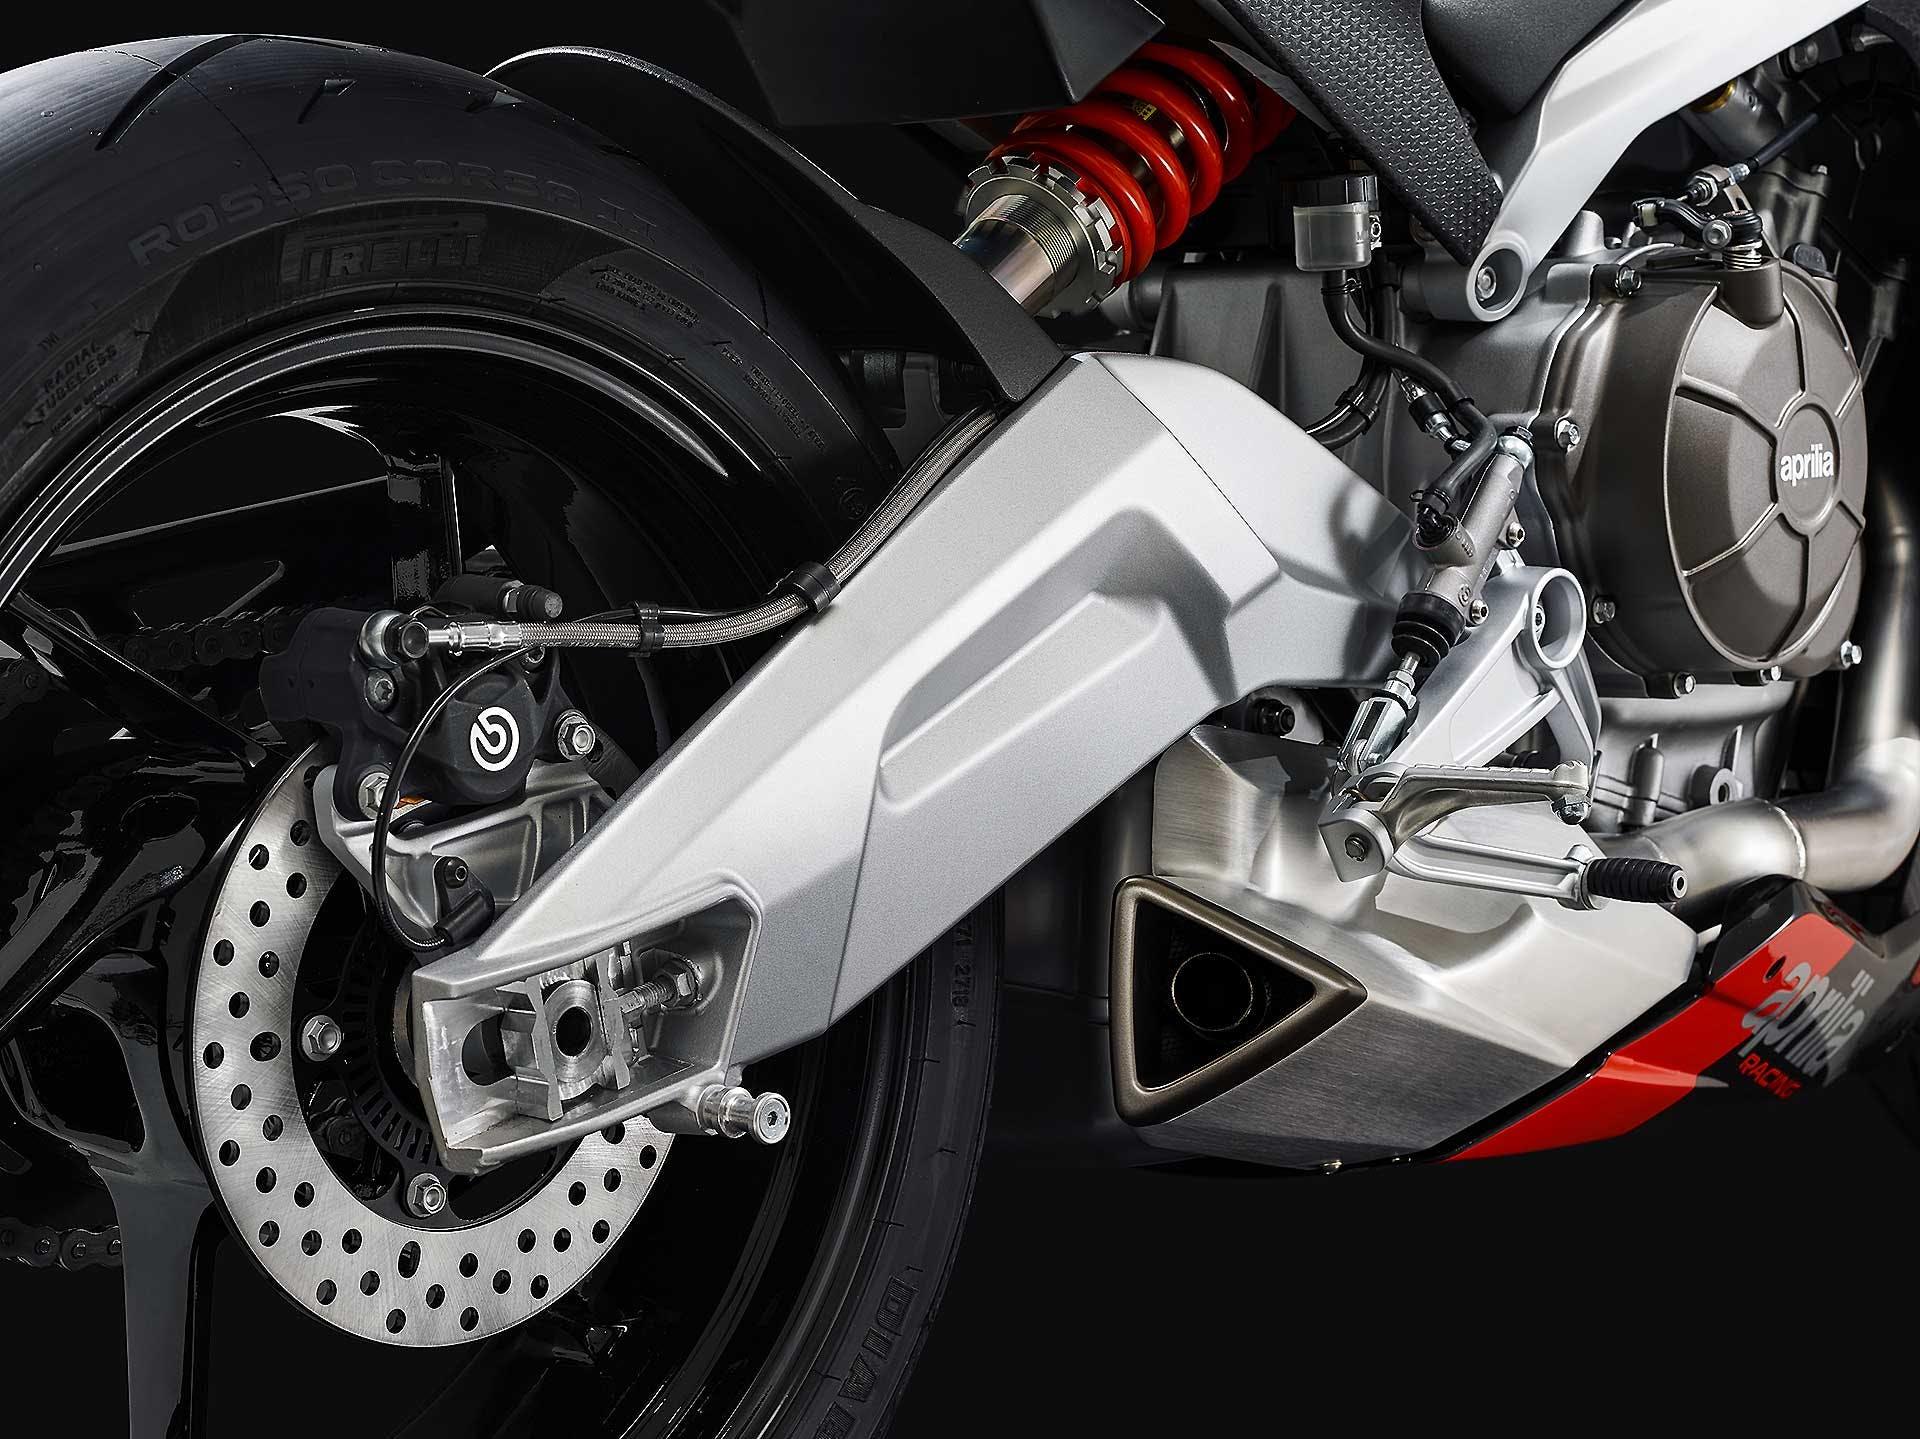 Aprilia RS 660 forcellone